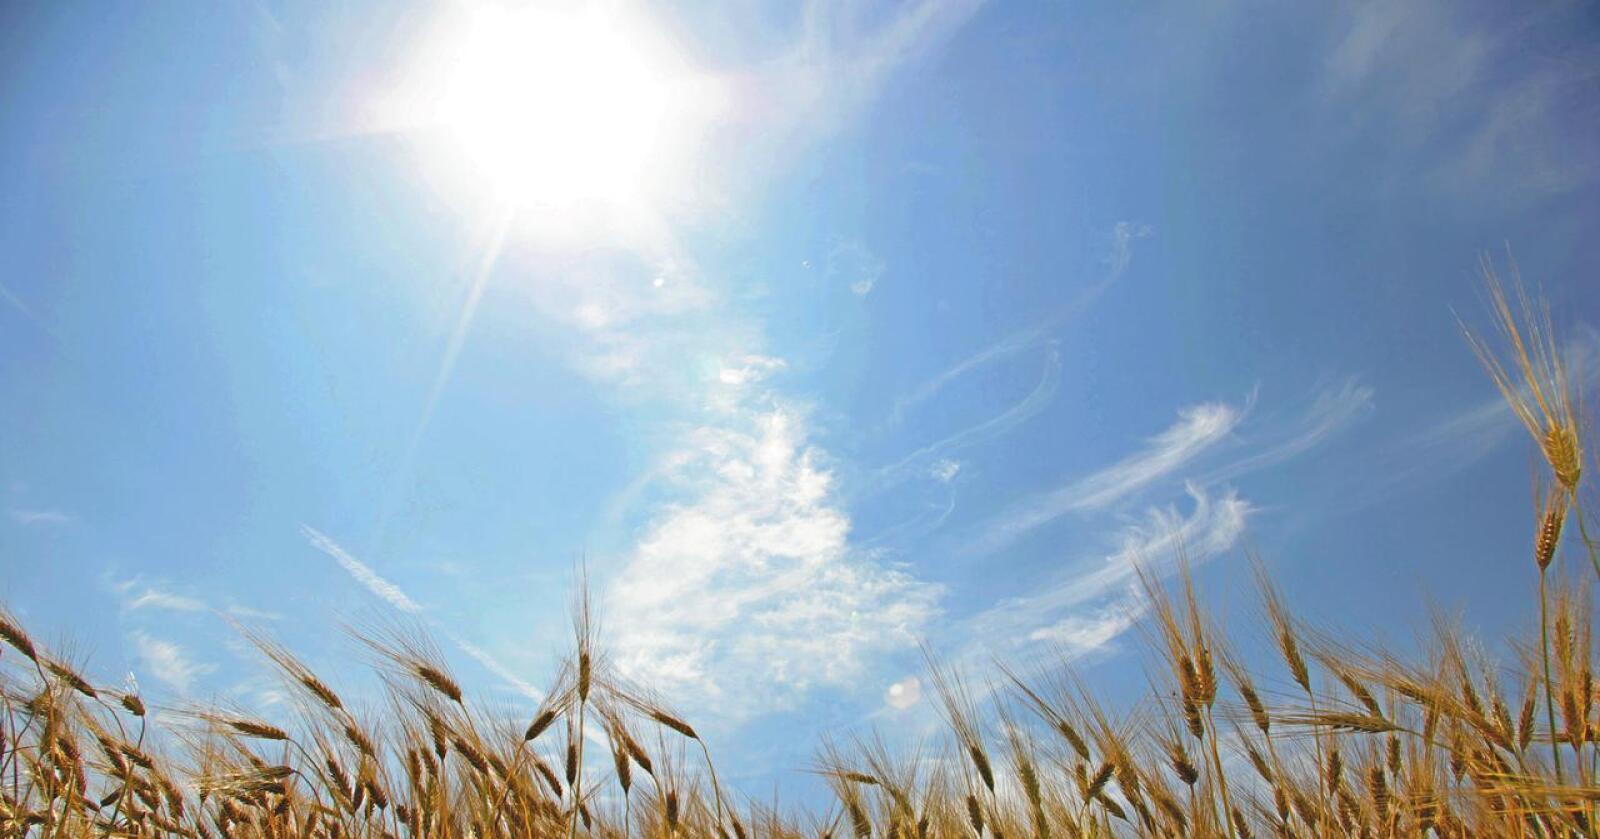 Flere år med mye nedbør om høsten og vanskelige innhøstingsforhold, har gjort at selvforsyningen av hvete har gått ned det siste tiåret. Foto: Frank May